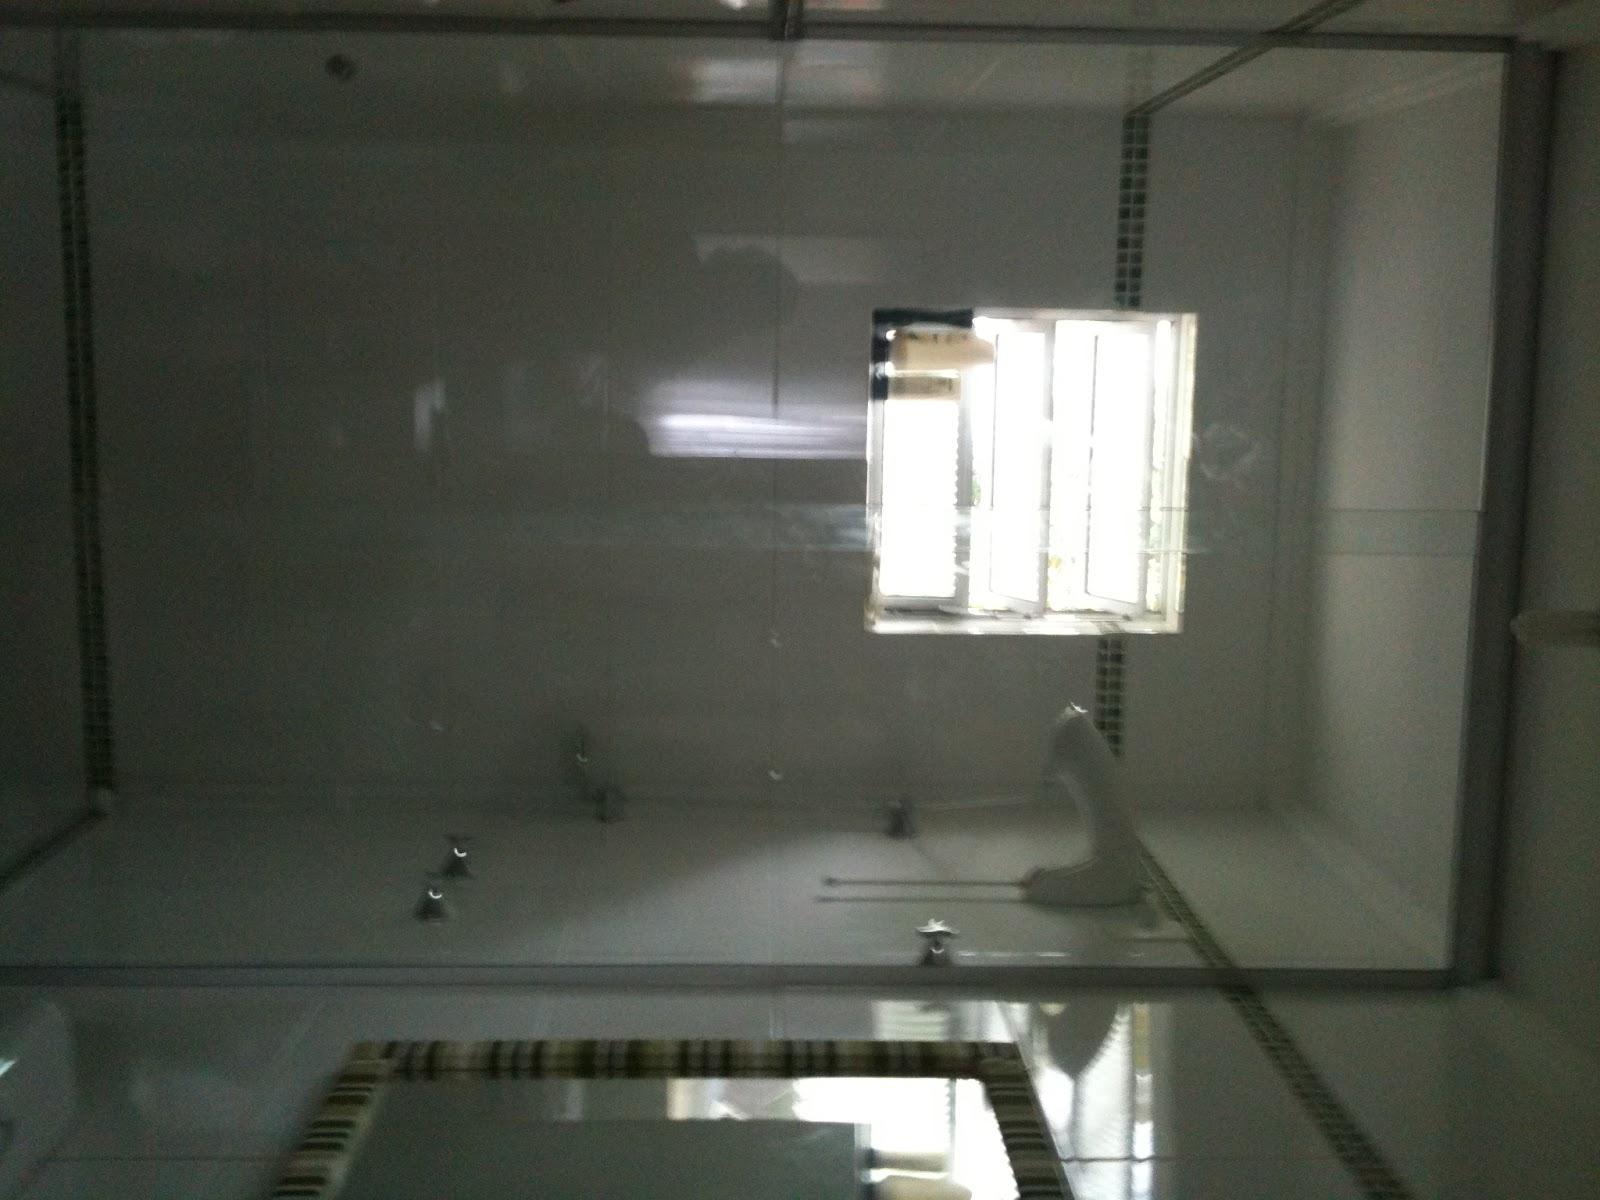 Vidro do box vai até o teto para não vaporizar o banheiro todo! #746F57 1600x1200 Banheiro Azulejo Ate O Teto